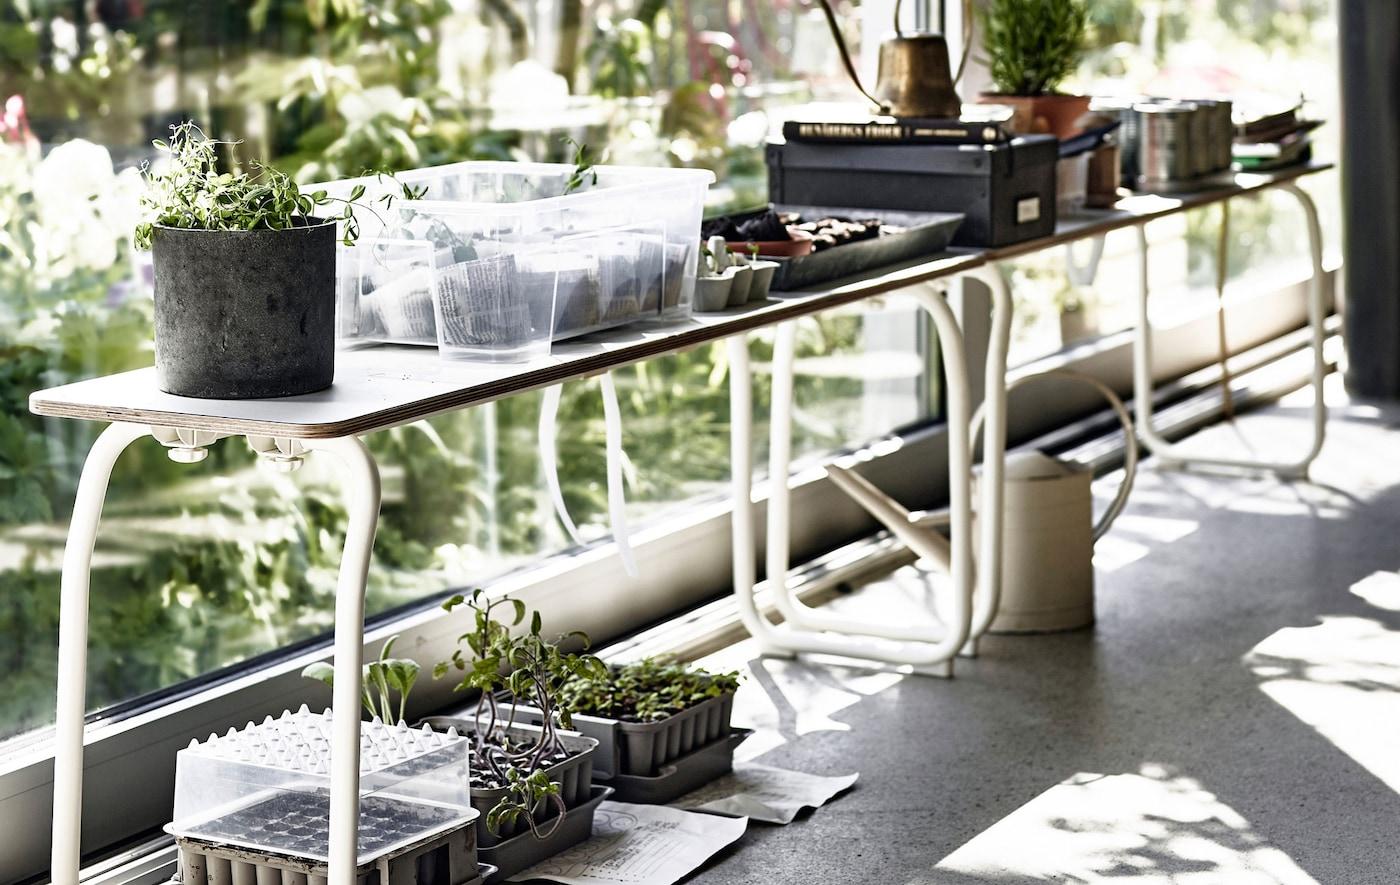 Zimmerpflanzen auf einer weißen Holzbank vor einem Fenster